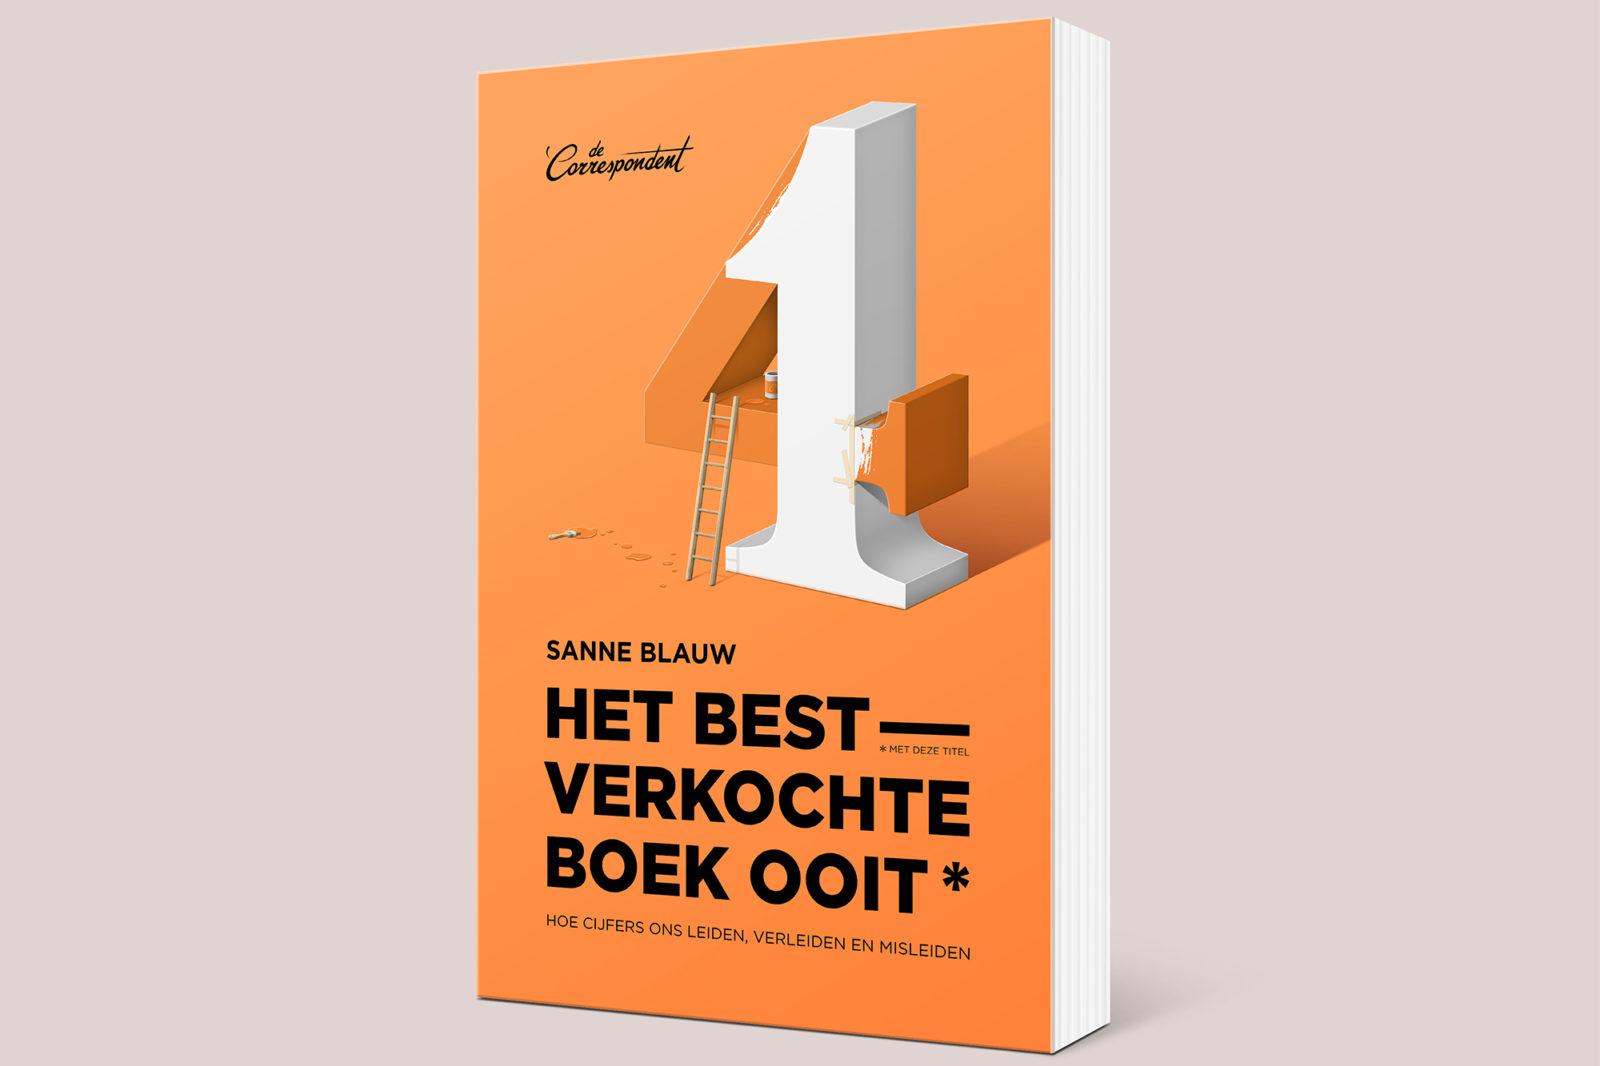 Het Best Verkochte Boek Ooit* van Sanne Blauw